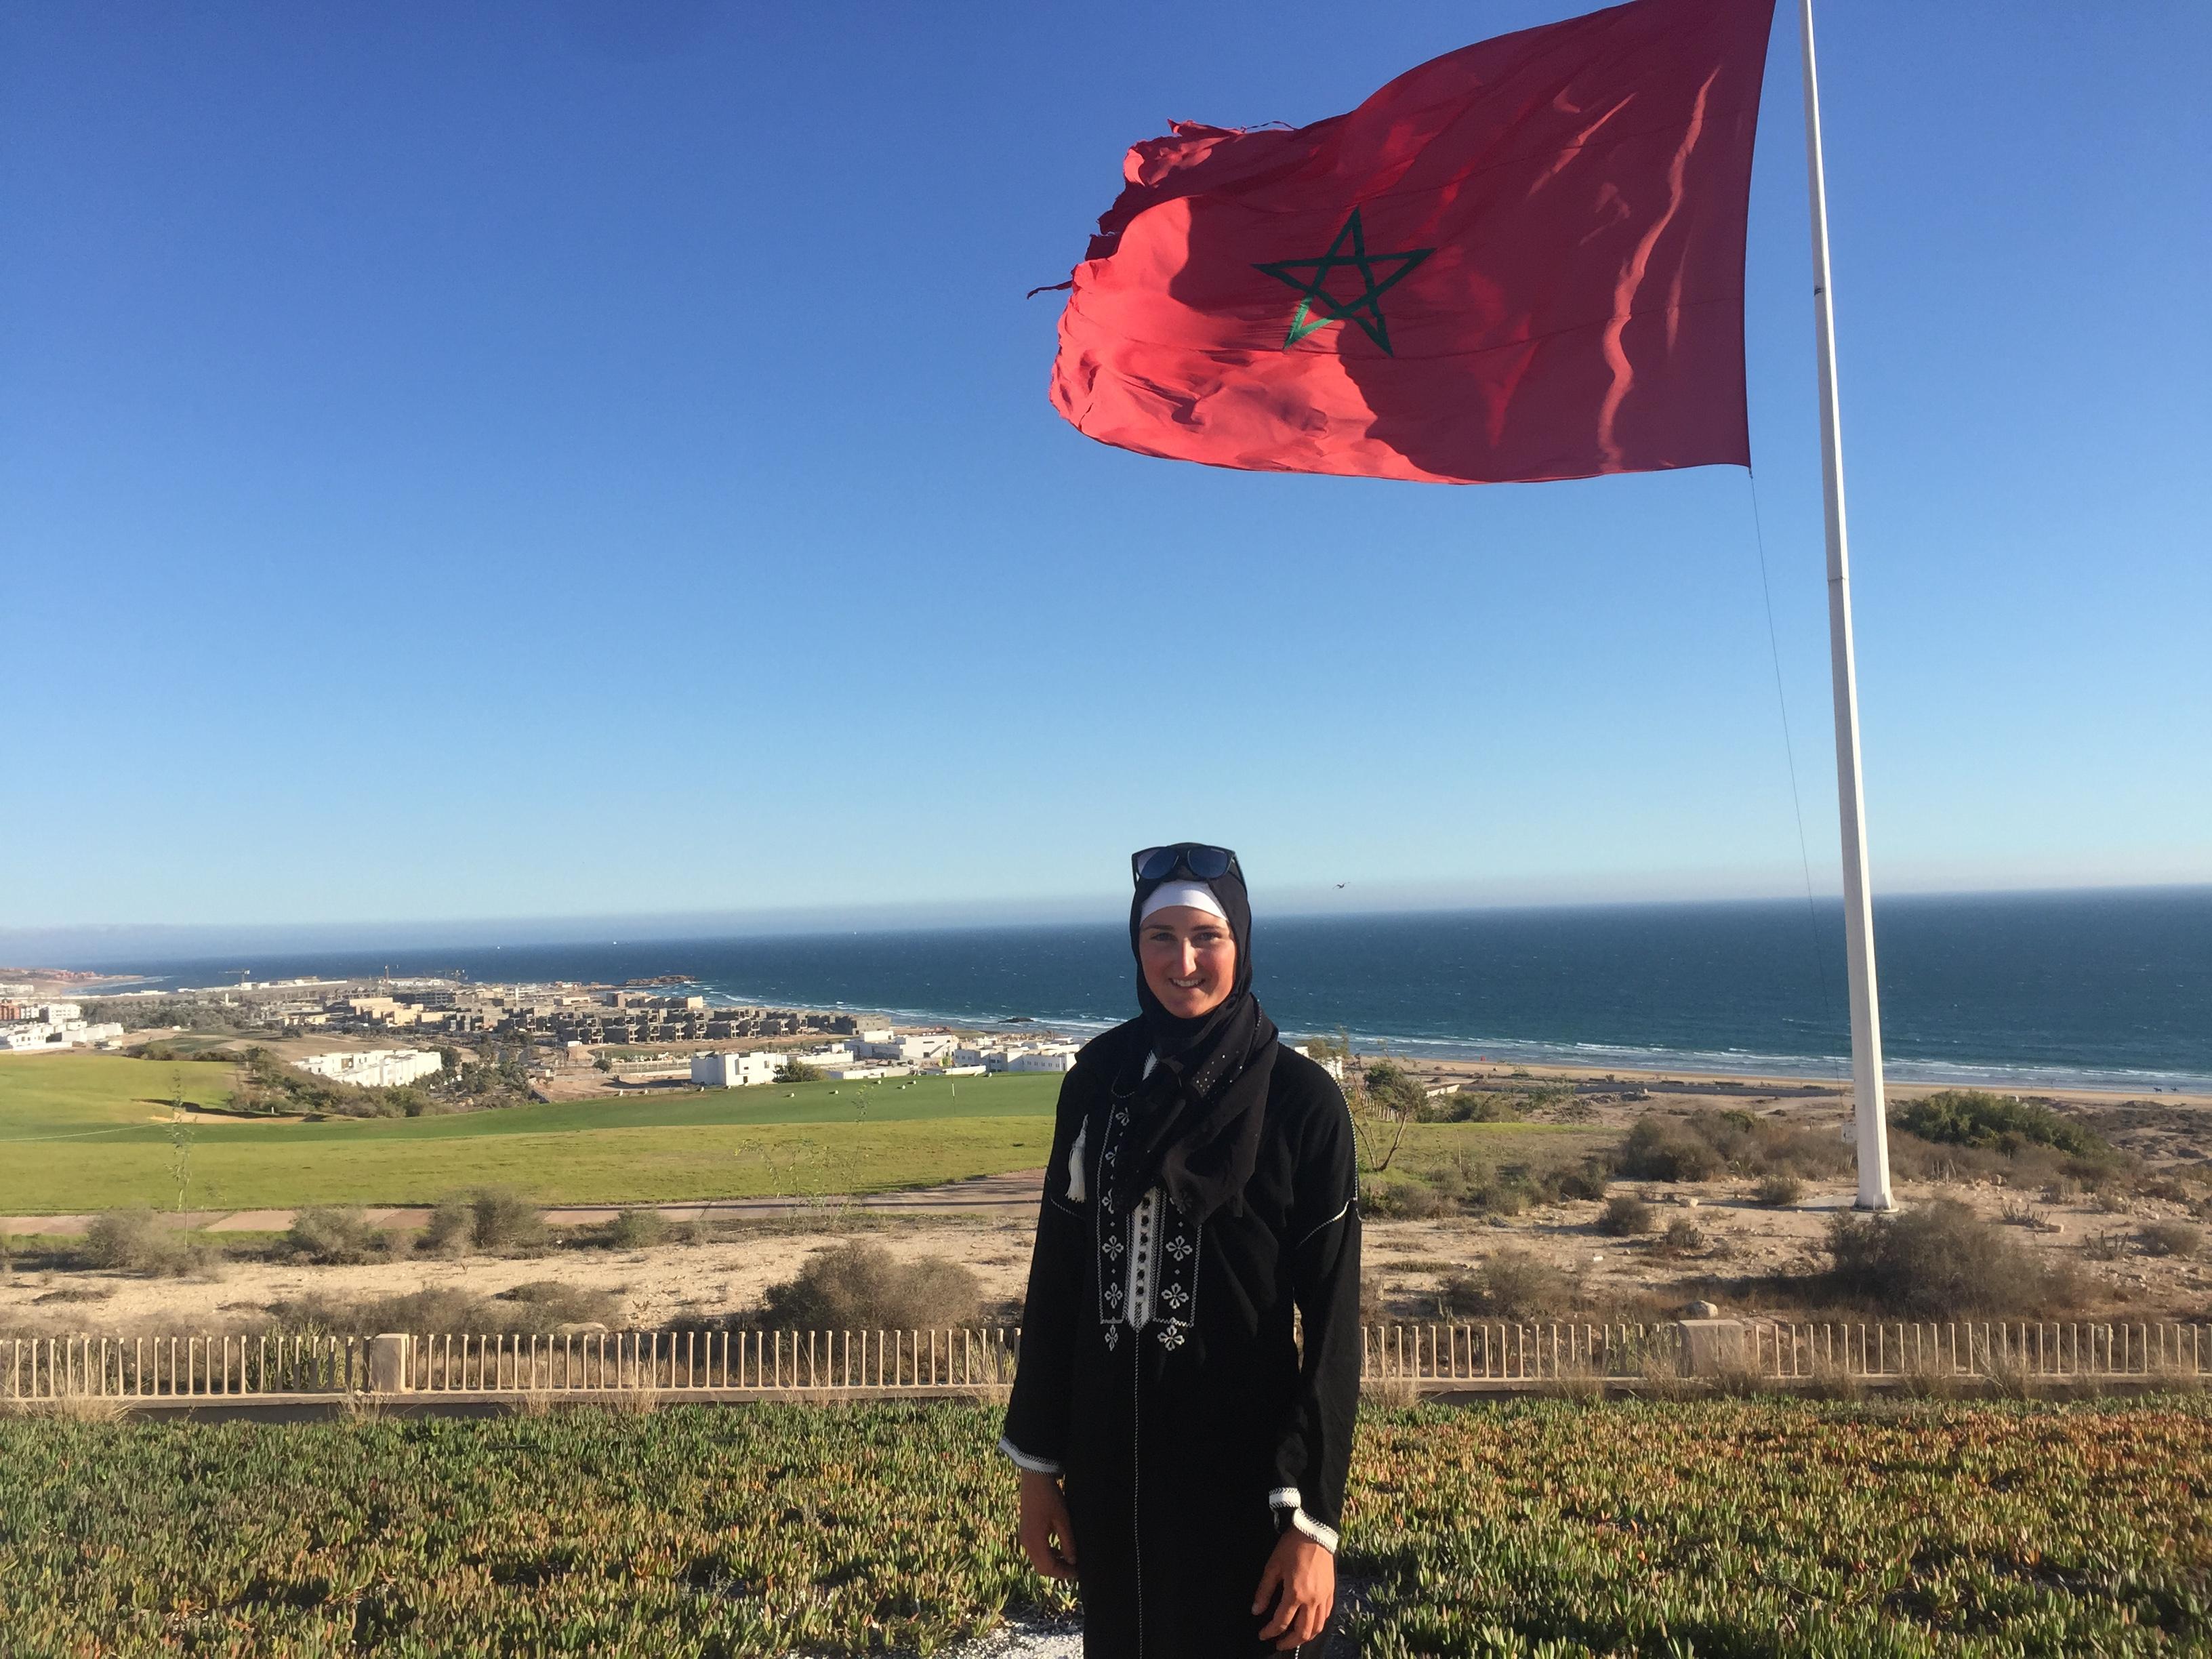 Marokkanisches Outfit und wunderbare Aussicht über Agadir